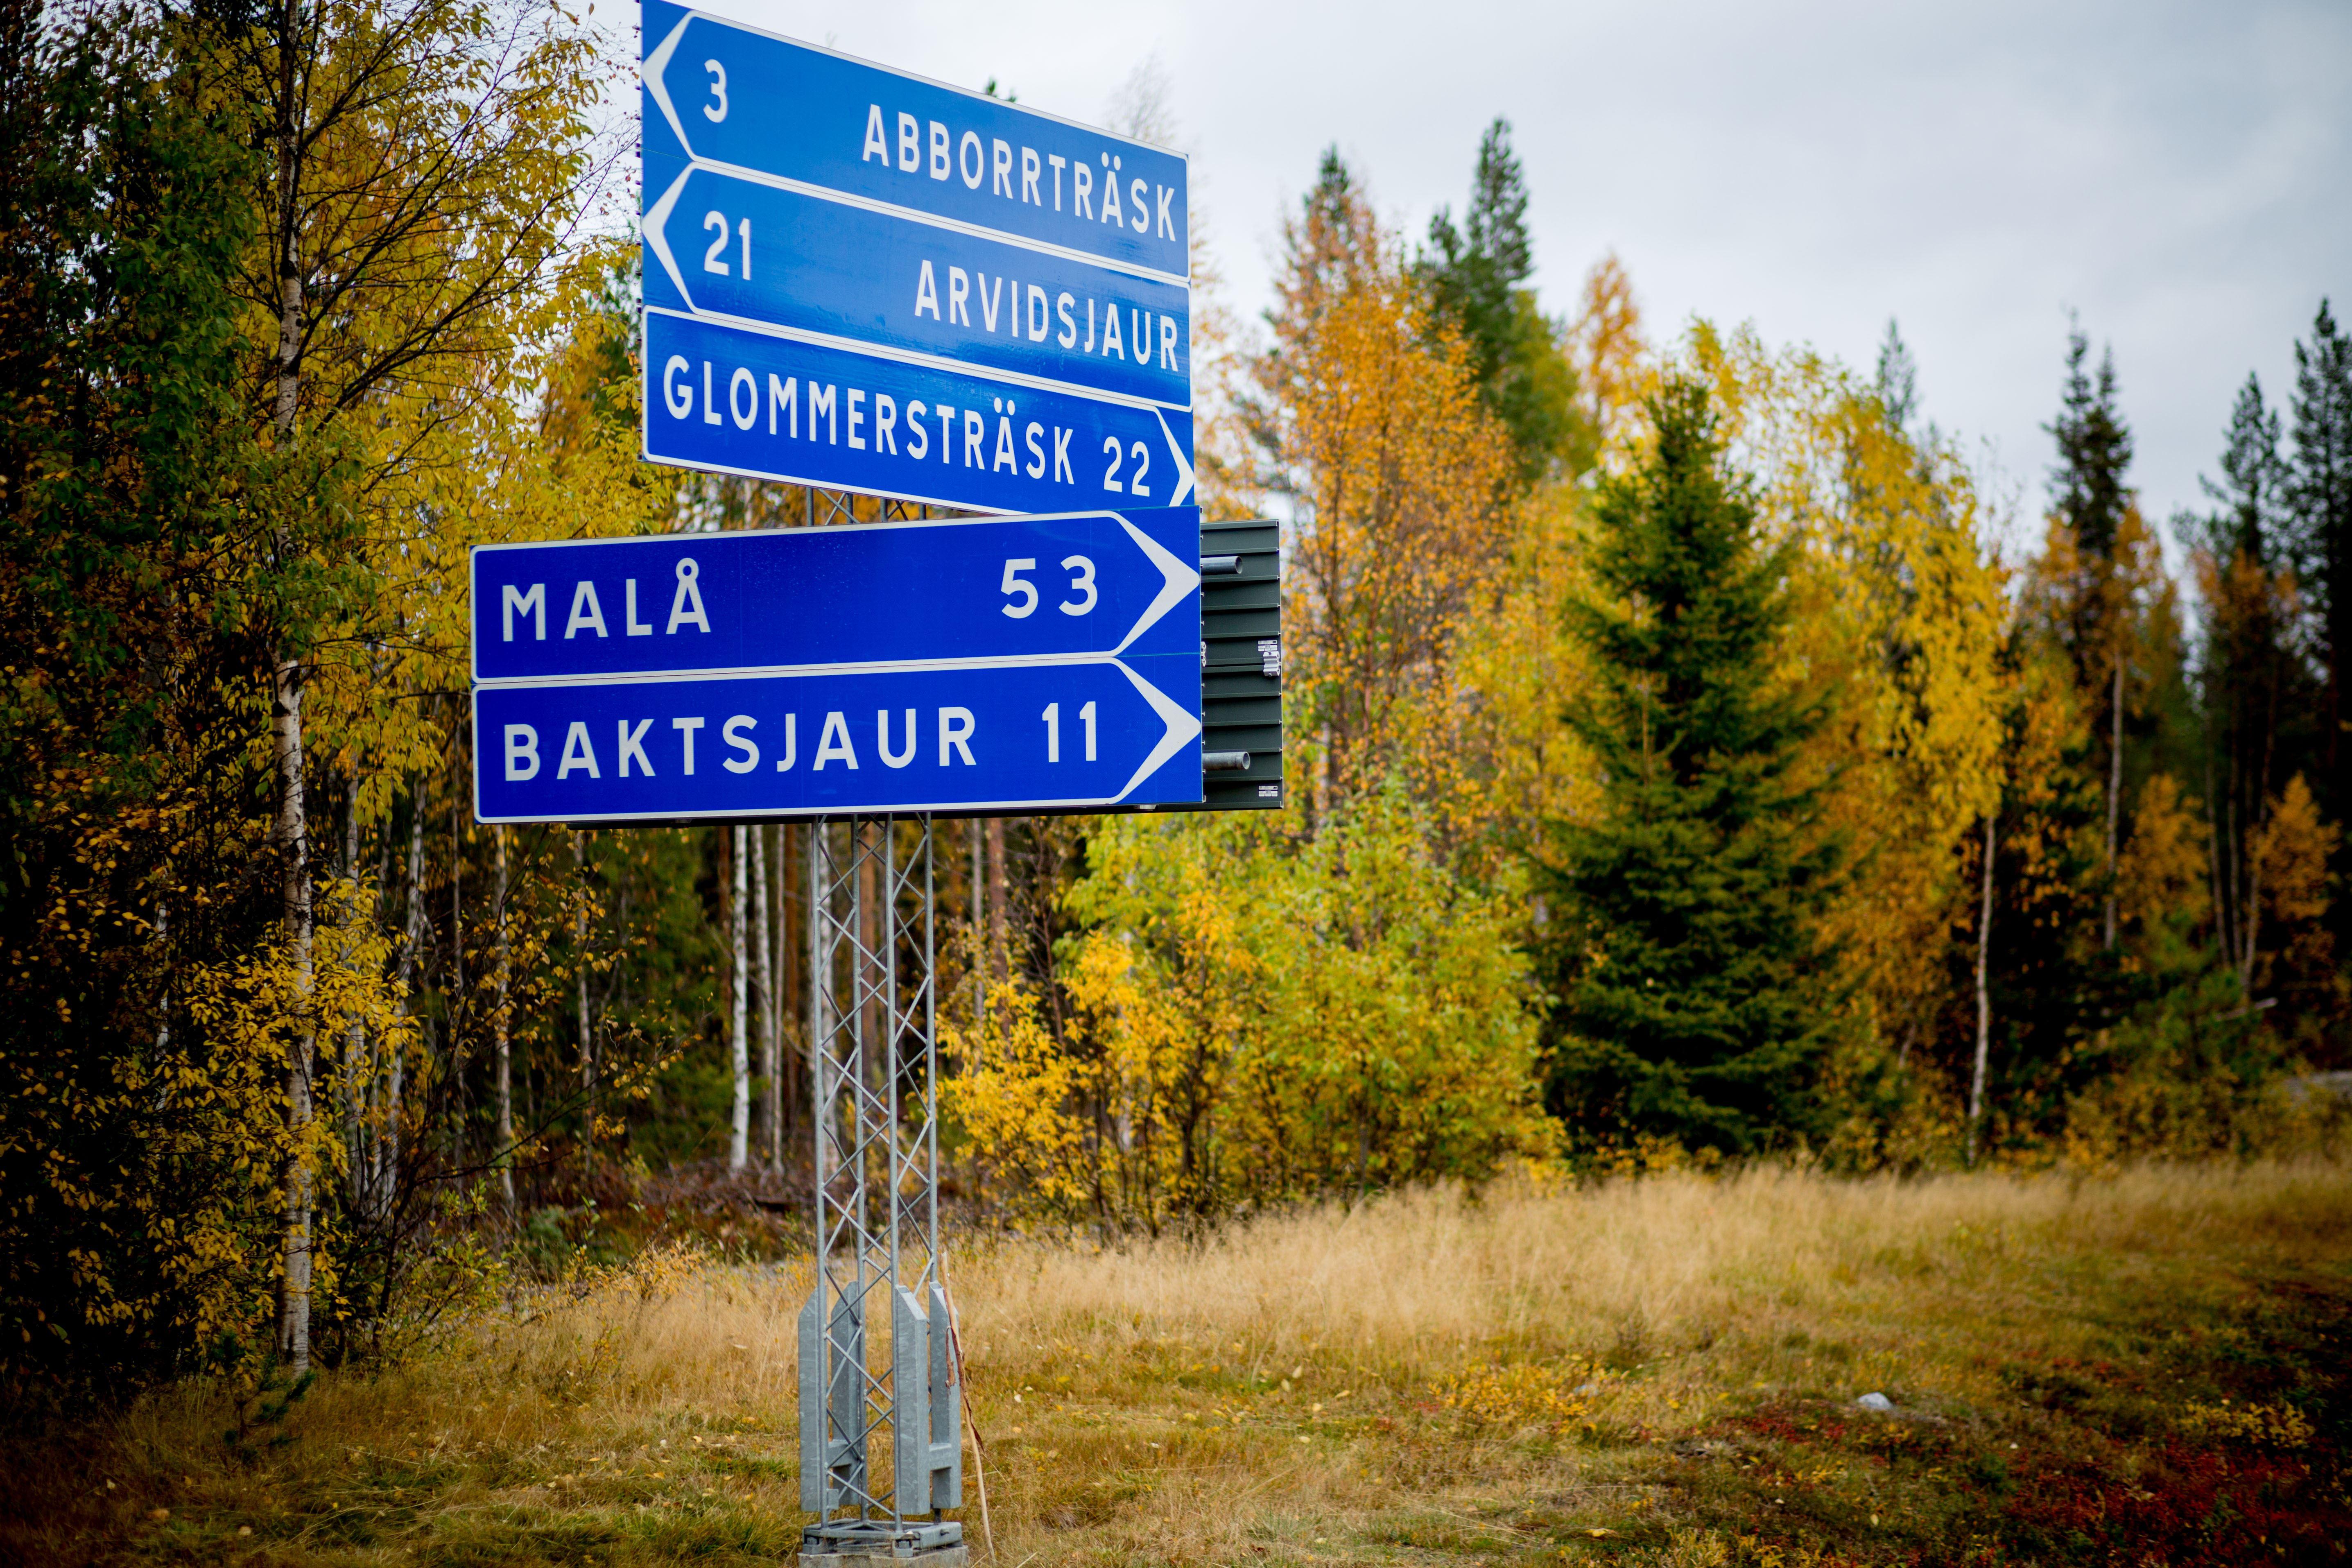 Foto: www.ricke.se, Gomorron Malå